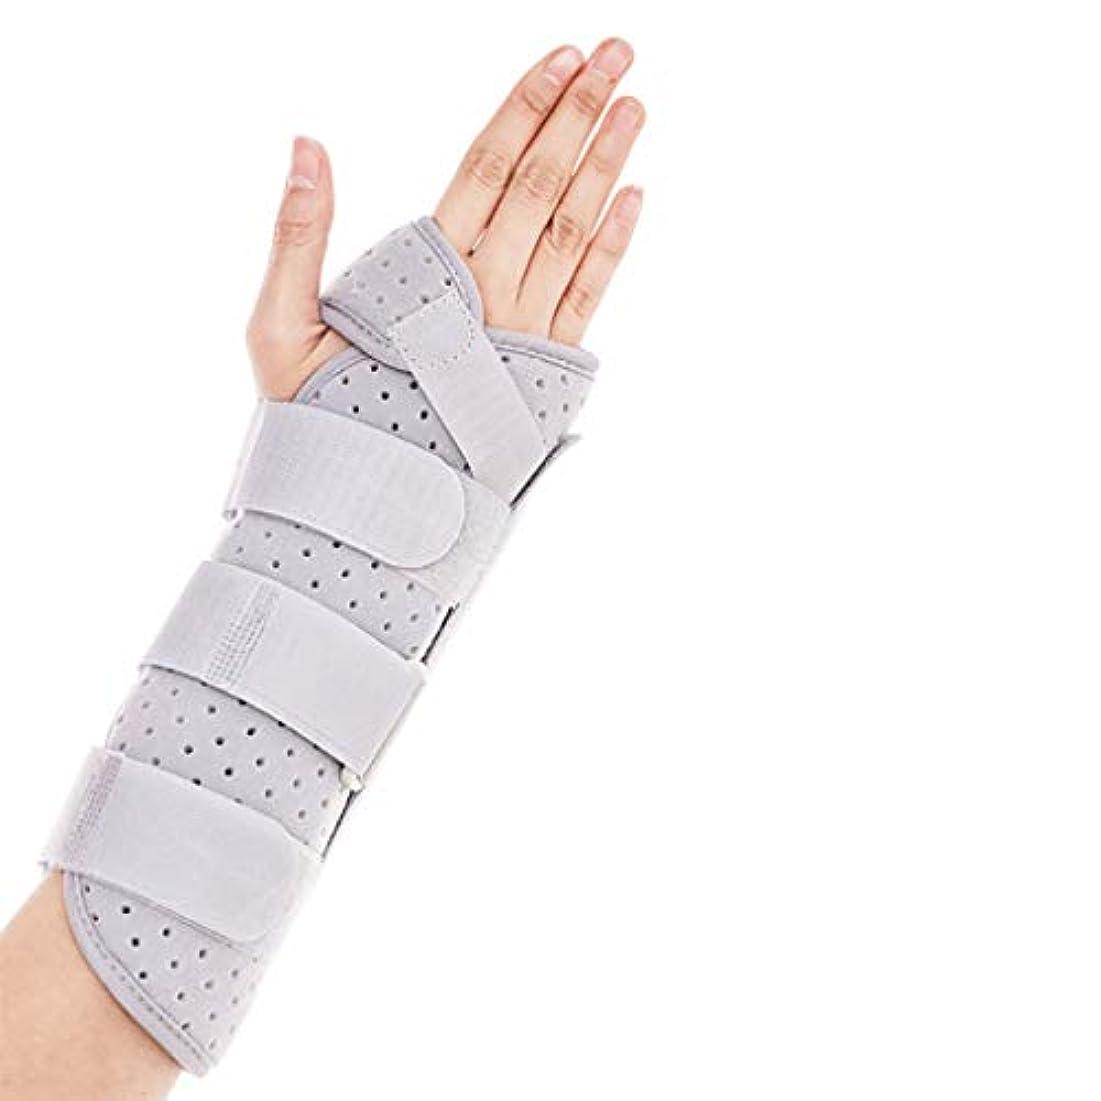 キロメートルターゲット扱いやすい引き金のための指の袖サポートプロテクター指マレット指指のナックル固定指骨折創傷術後のケアと痛みの軽減,L